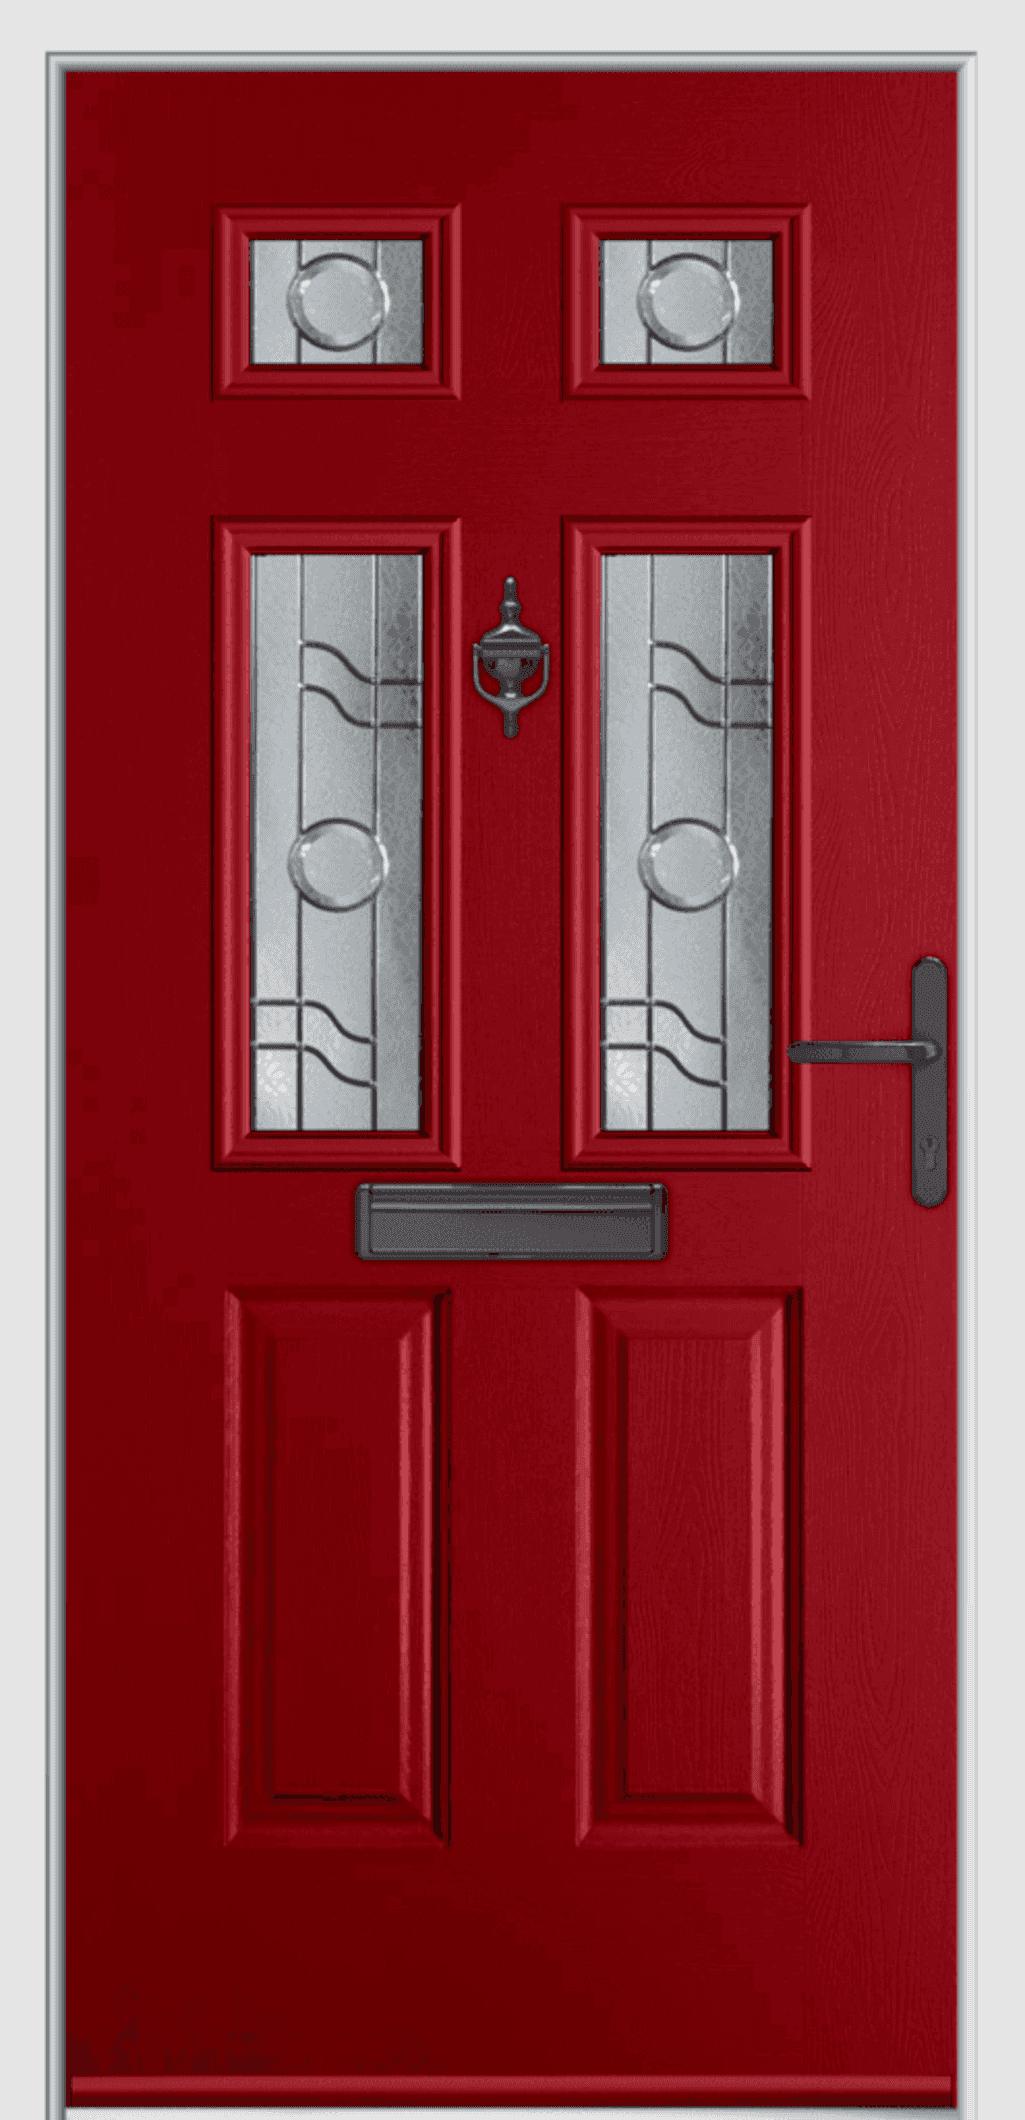 Cool Composite Doors In Many Styles Endurance Door Handles Collection Dhjemzonderlifede